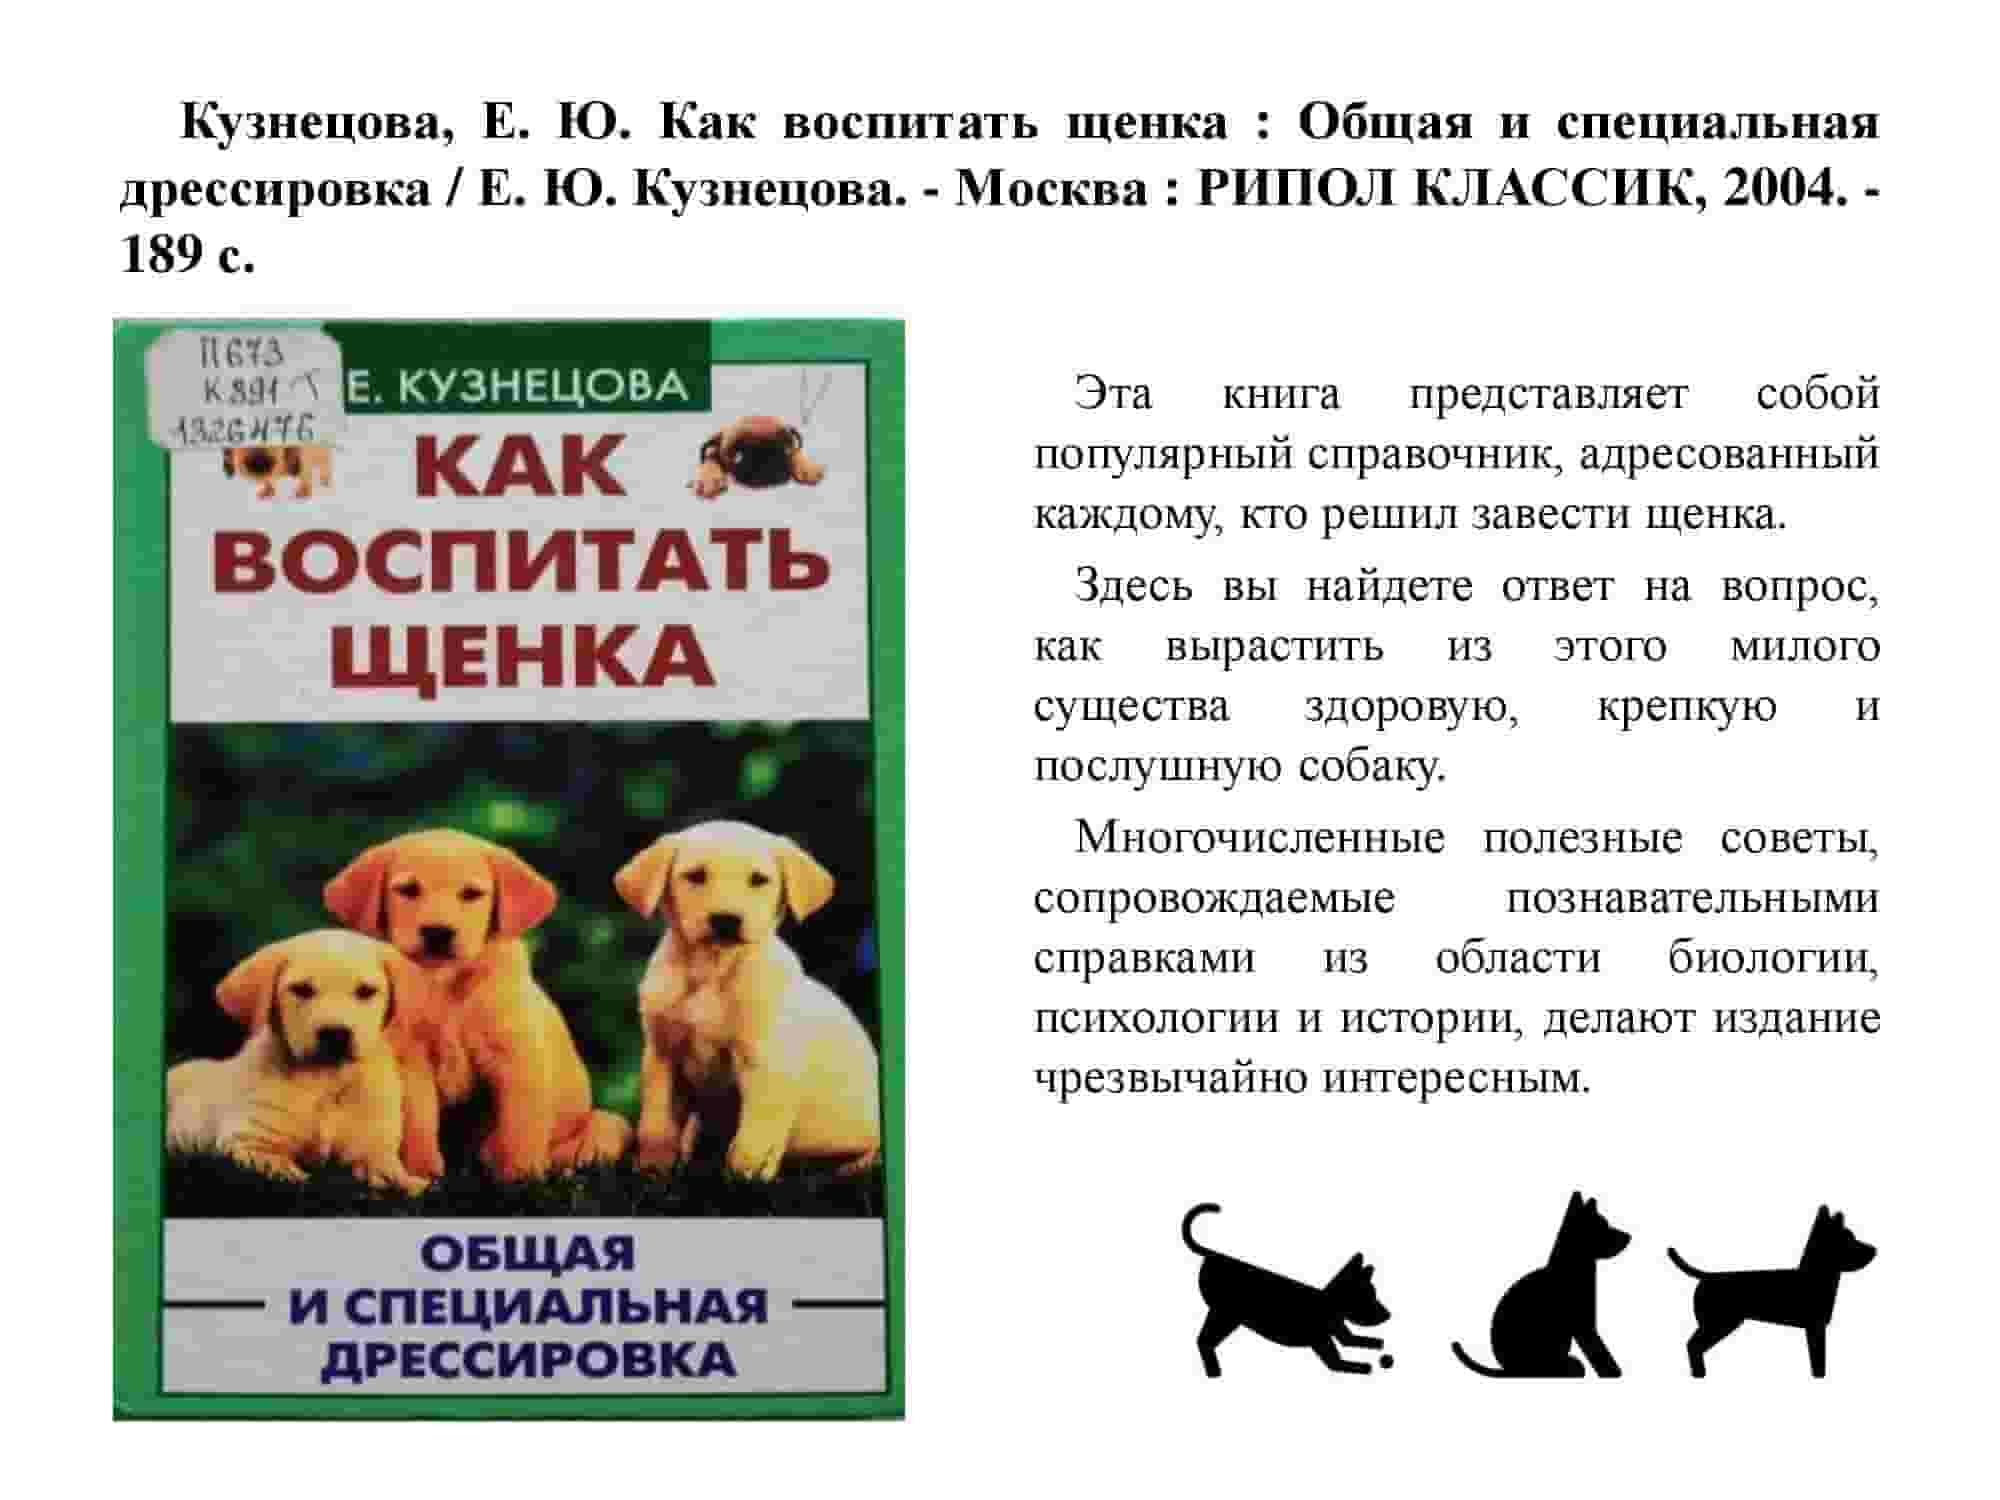 Дрессировка лайки — этапы воспитания щенка ⋆ собакапедия